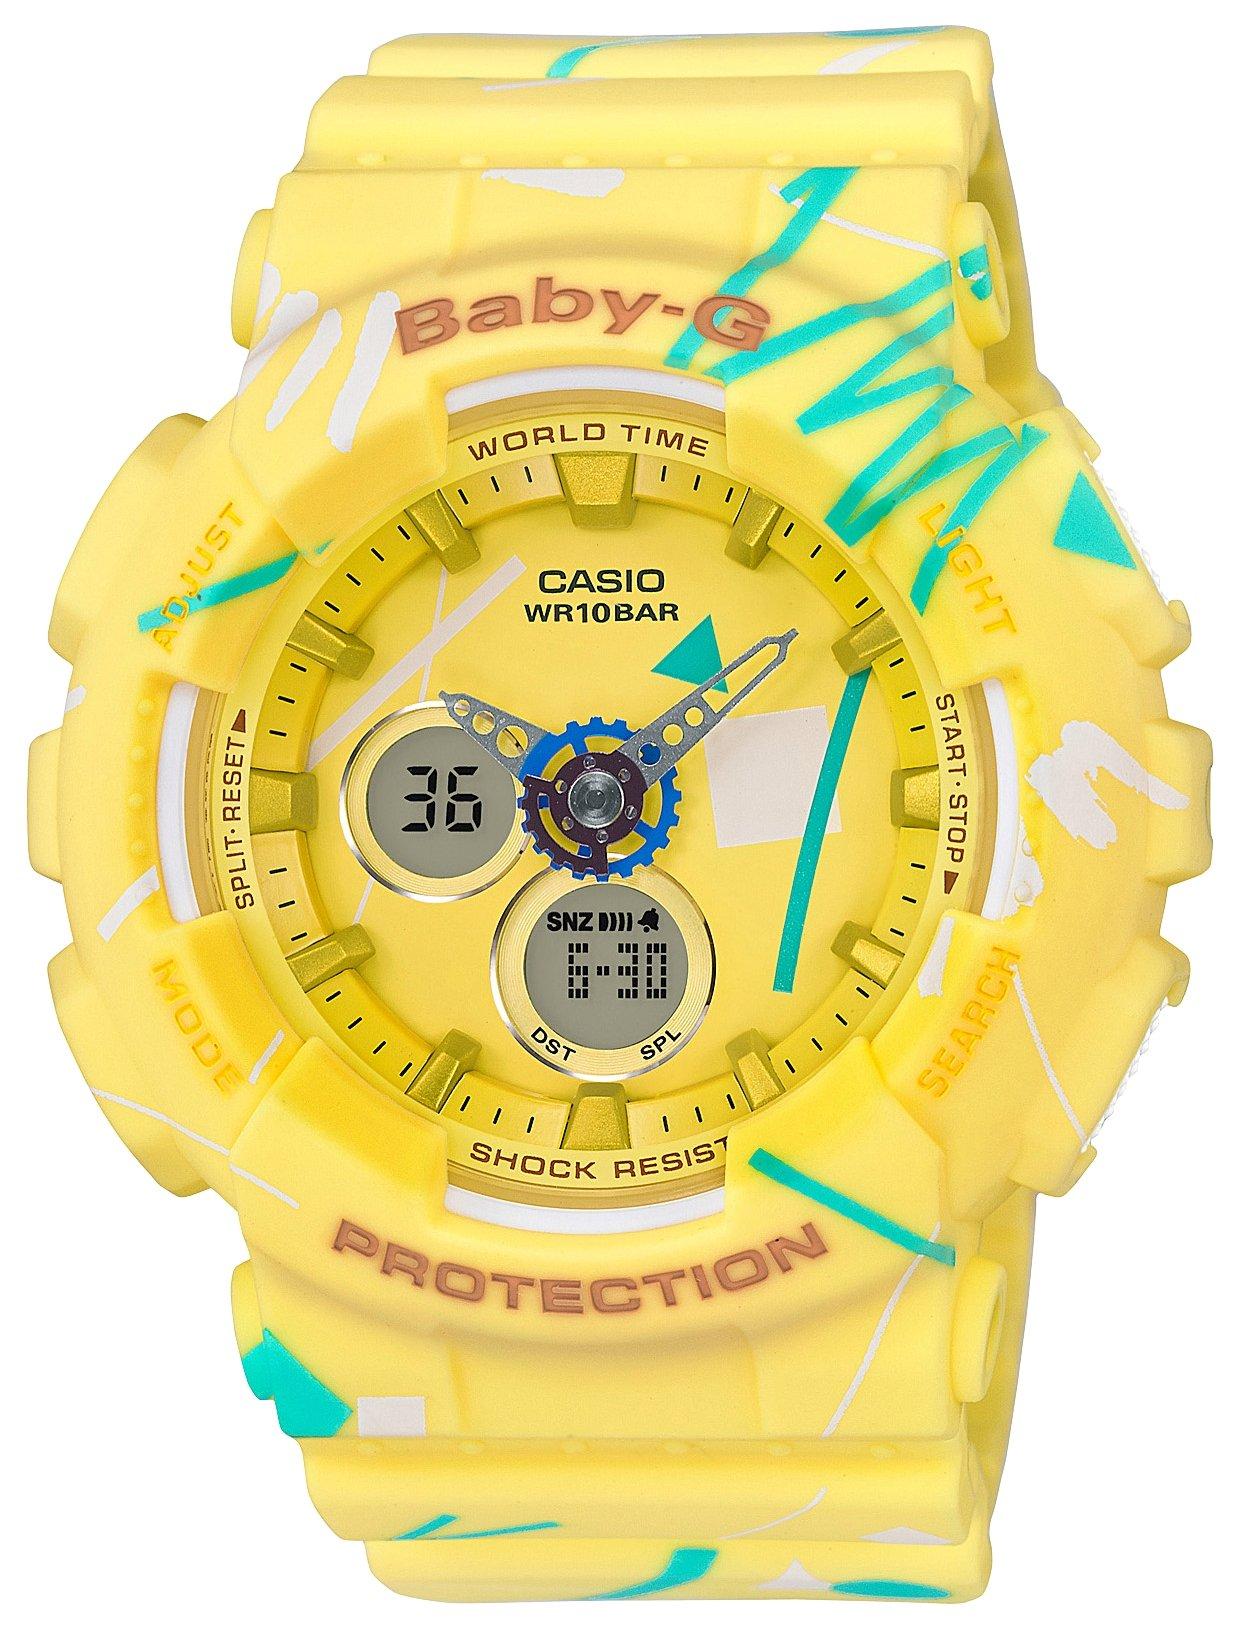 Часы наручные женские Casio Baby-G, цвет: желтый, бирюзовый. BA-120SC-9ABM8434-58AEЖенские наручные часы Casio Baby-G с кварцевым и электронным механизмом. Ремешок и корпус выполнены из полимера.